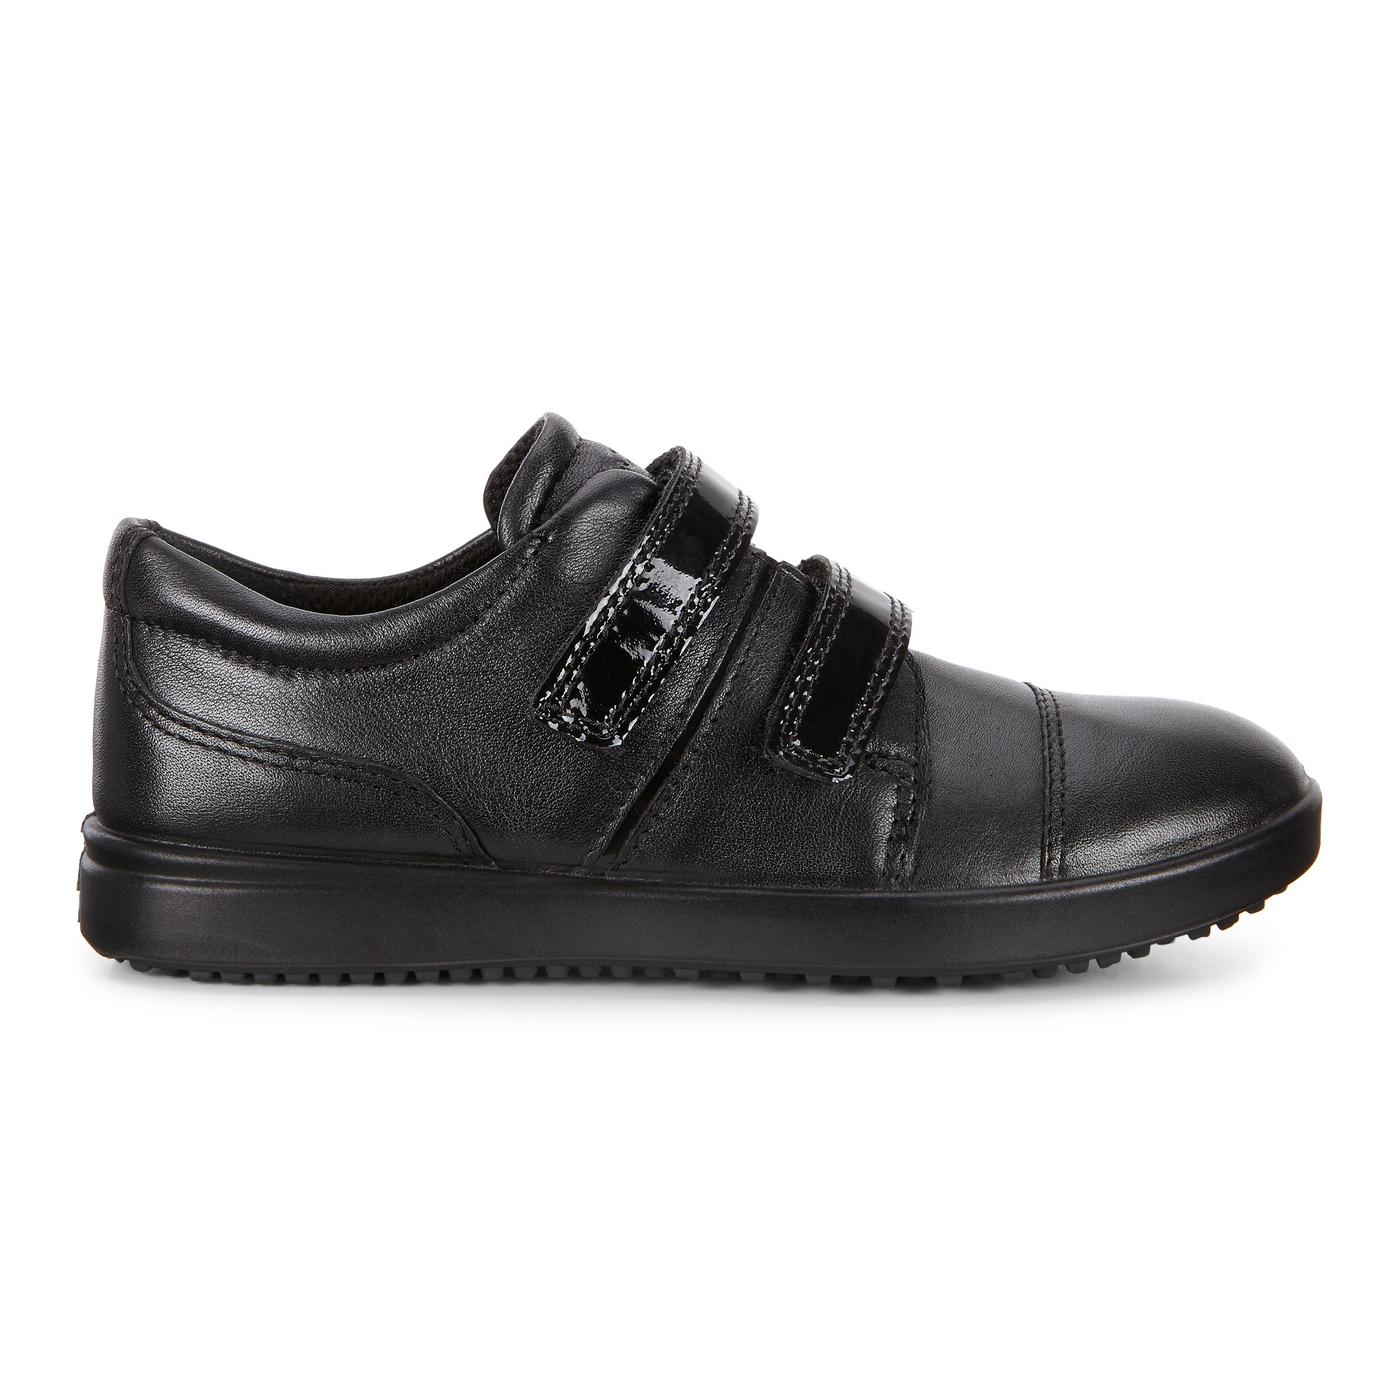 ECCO ELLI Shoe